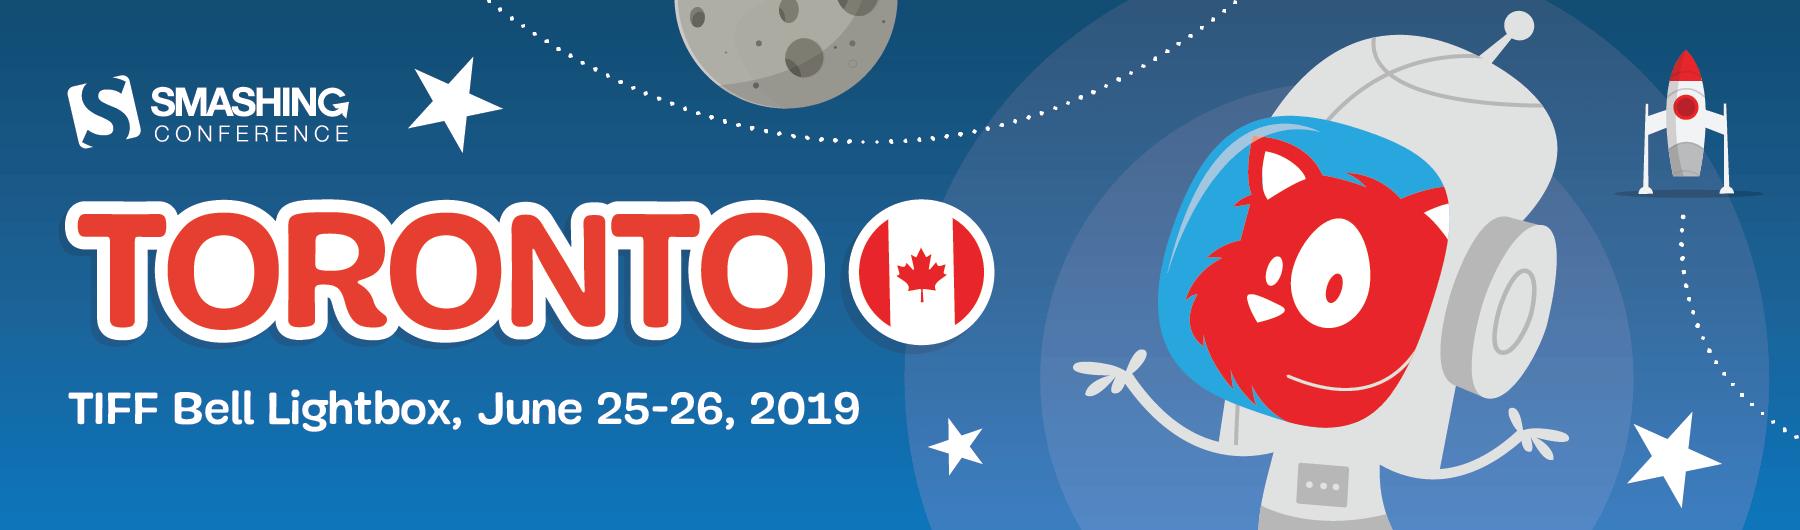 SmashingConf Toronto (June 24-27)